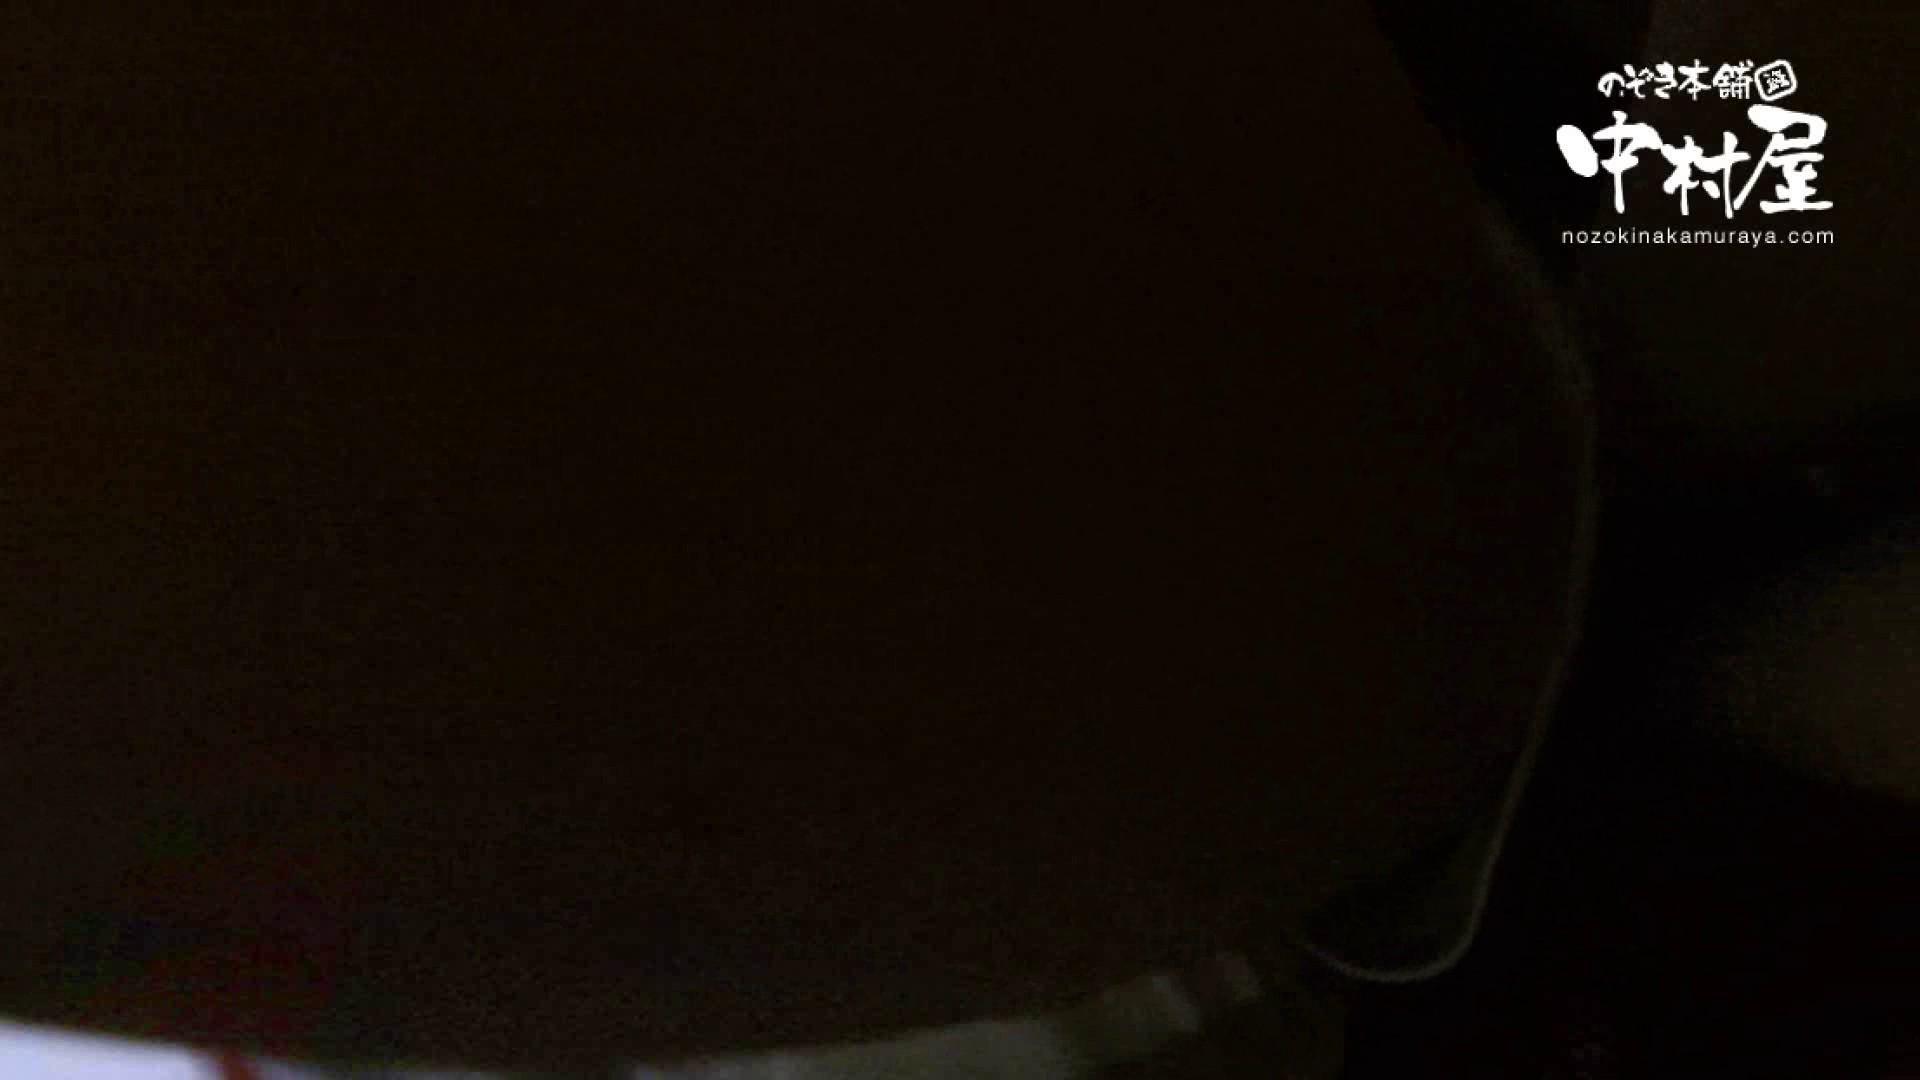 鬼畜 vol.05 誰にも言うなよ! はぃ… 後編 OLエロ画像  99PICs 2